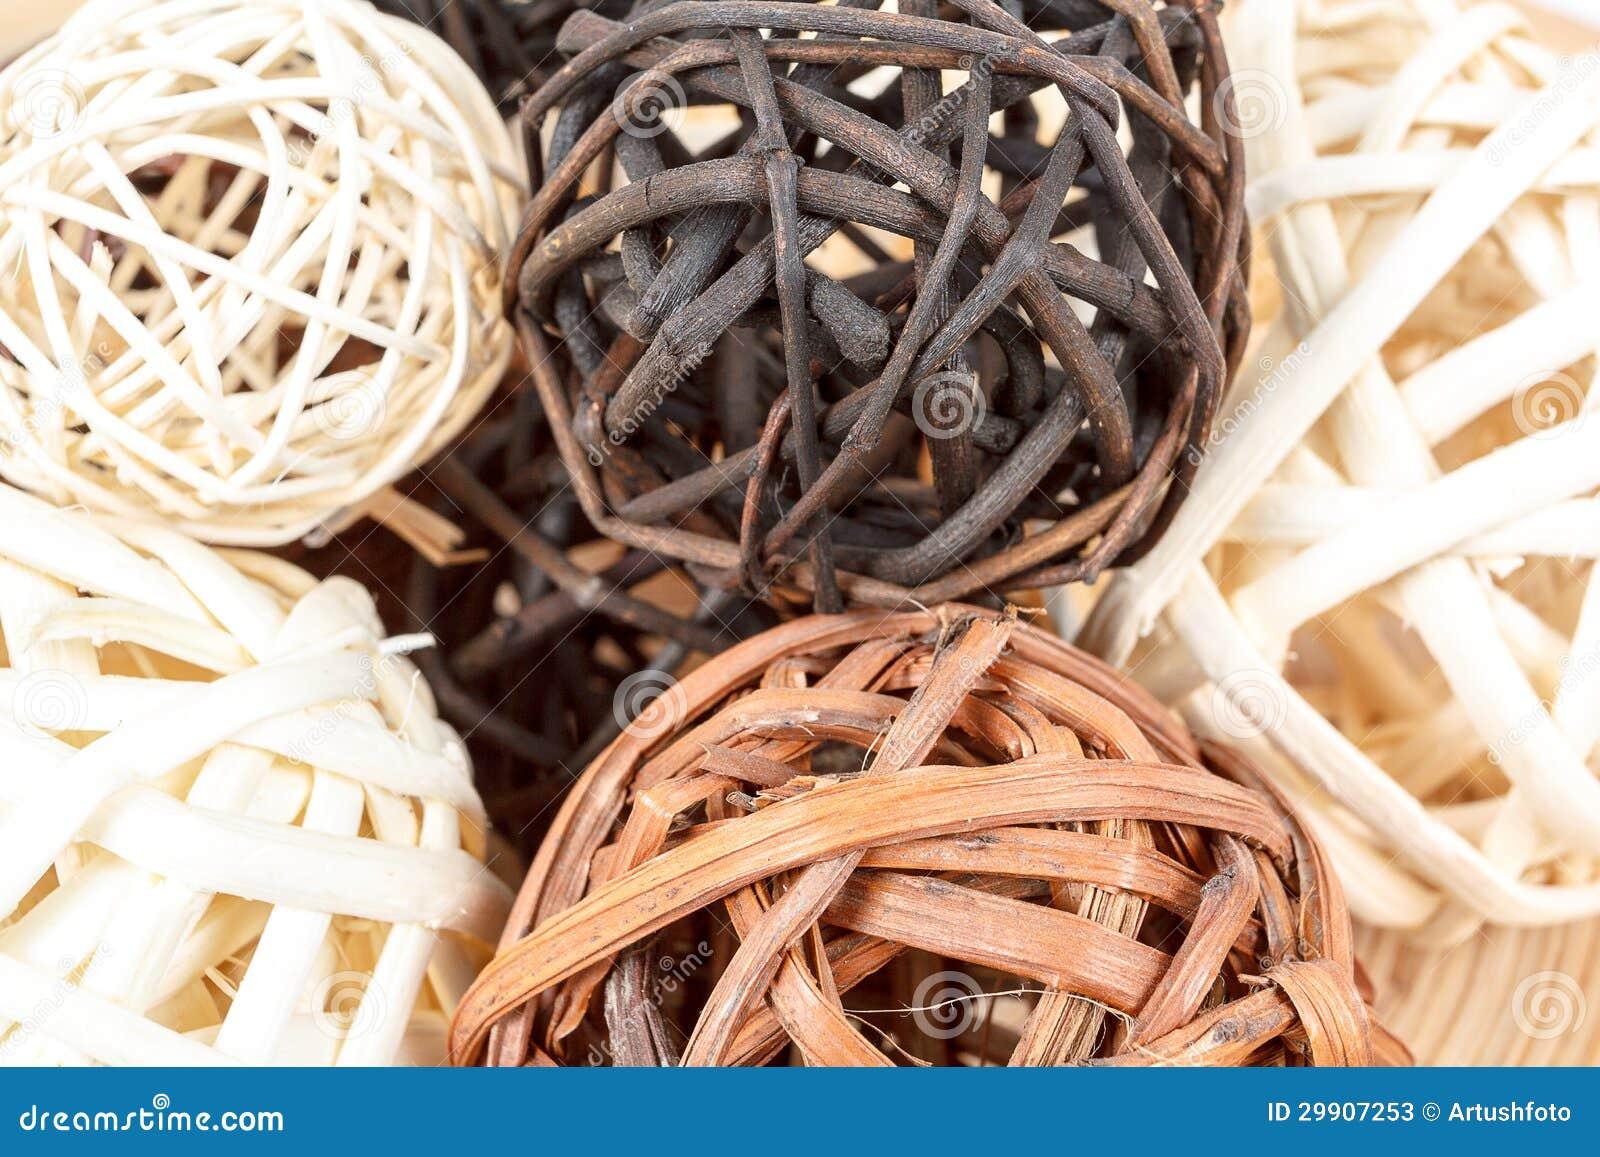 Bolas de madeira de vime decorativas fotos de stock - Fotos decorativas ...